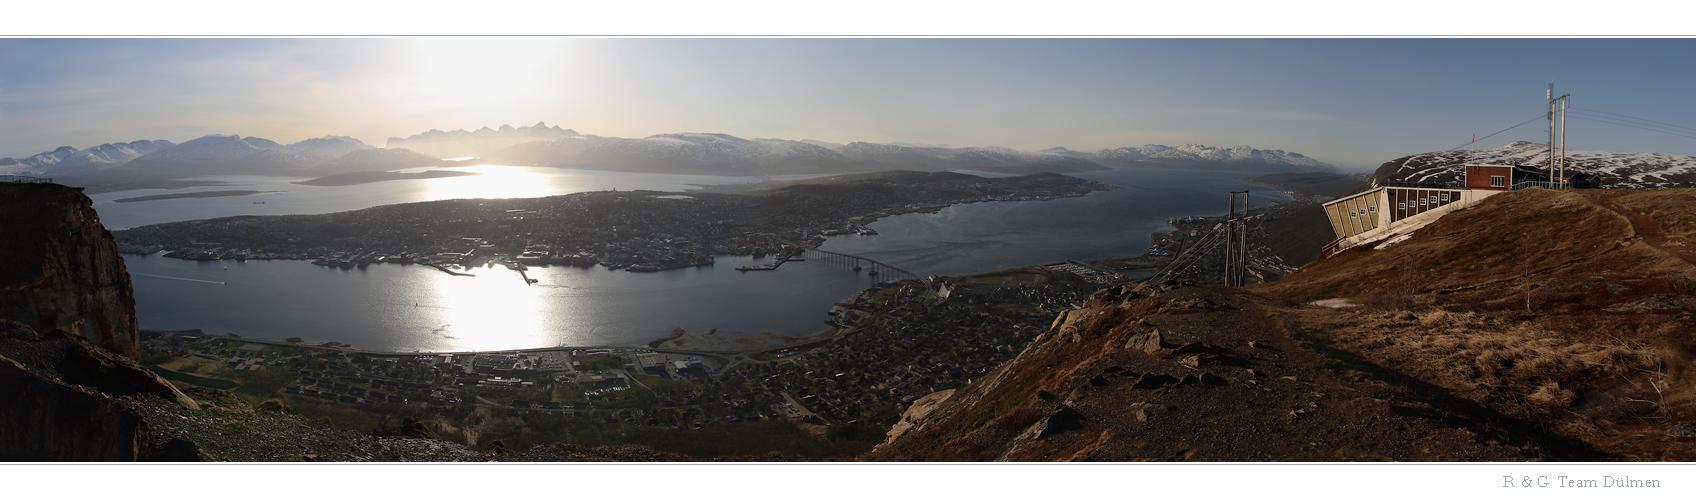 Tromsø im Licht der untergehenden Sonne